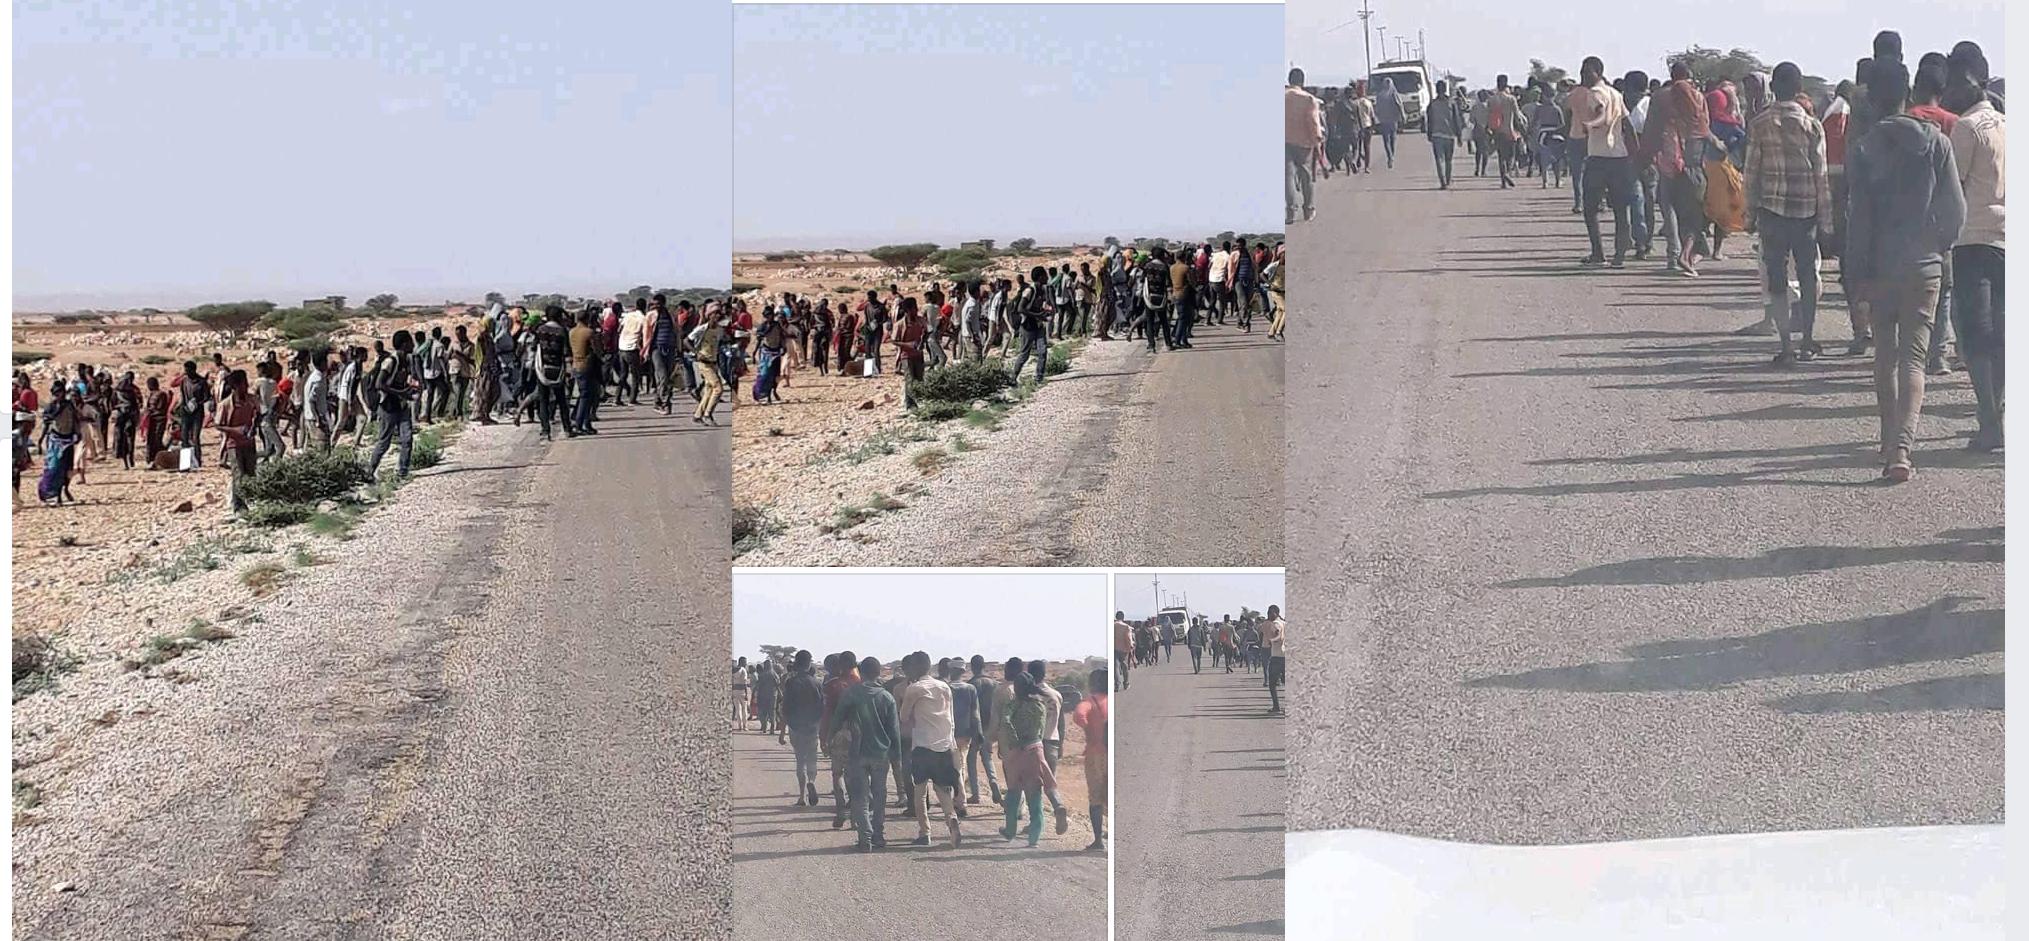 [Daawo] Ra'isulwasaaraha Ethiopia oo shacabkiisa u sheegay iney Somalia u shaqa tegayaan iyo kumanaan Oromo ah oo maanta buuxiyay Puntland